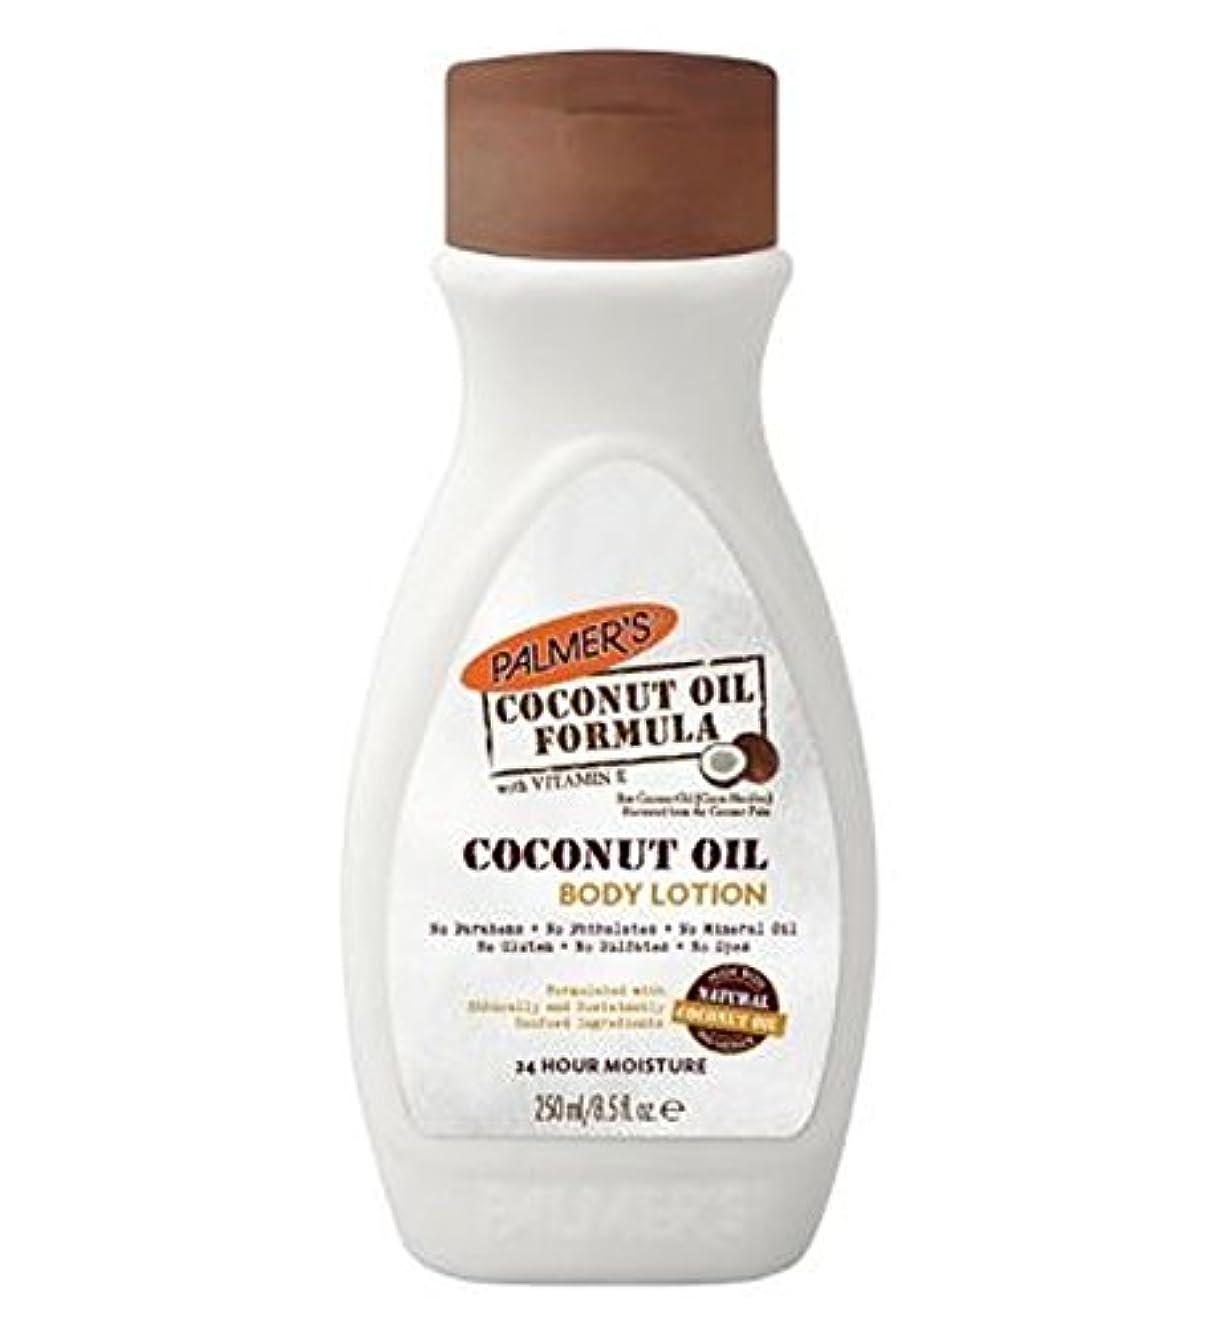 おなかがすいたキー拍手Palmer's Coconut Oil Formula Body Lotion 250ml - パーマーのココナッツオイル式ボディローション250ミリリットル (Palmer's) [並行輸入品]